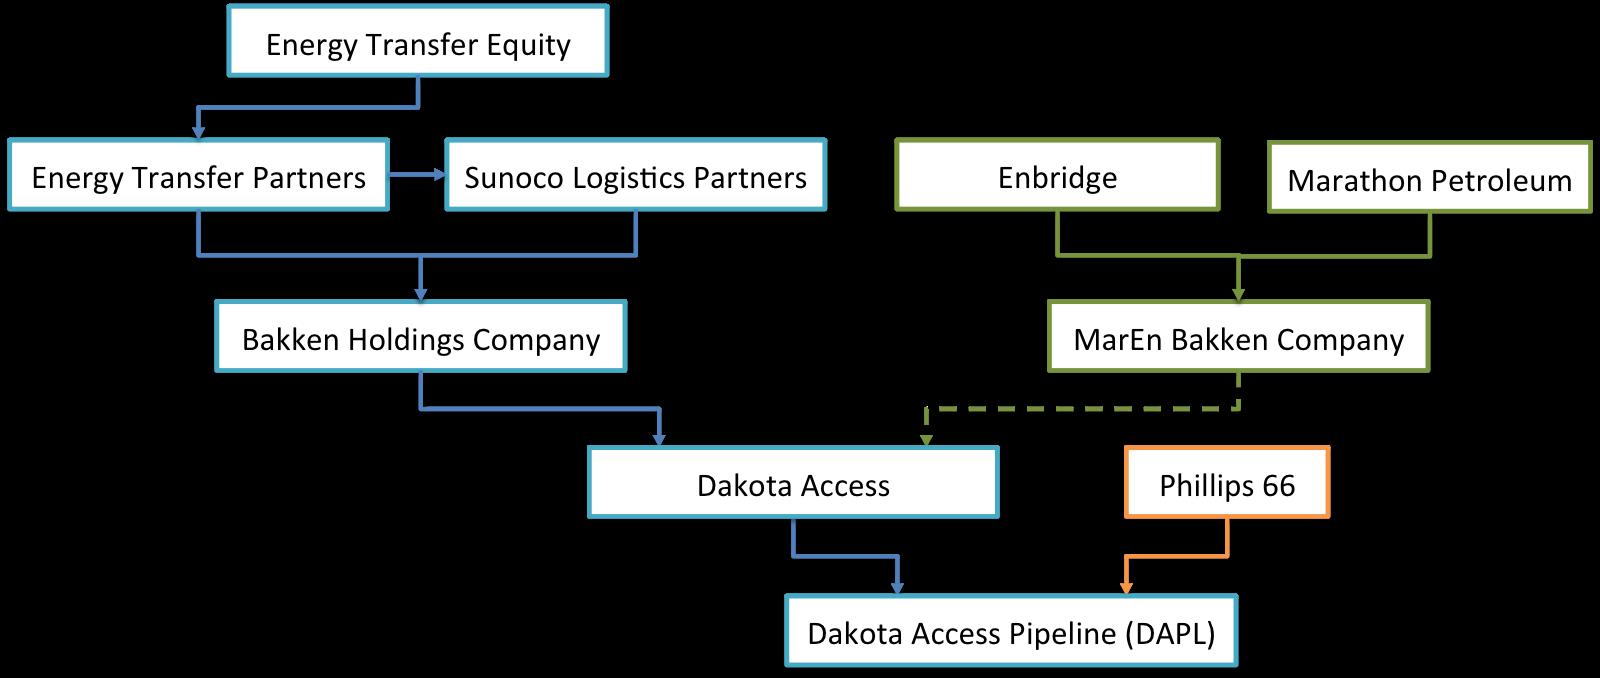 【アメリカ】機関投資家100社以上、ダコタ・アクセス・パイプライン建設に懸念表明。関与銀行に対応を要求 3